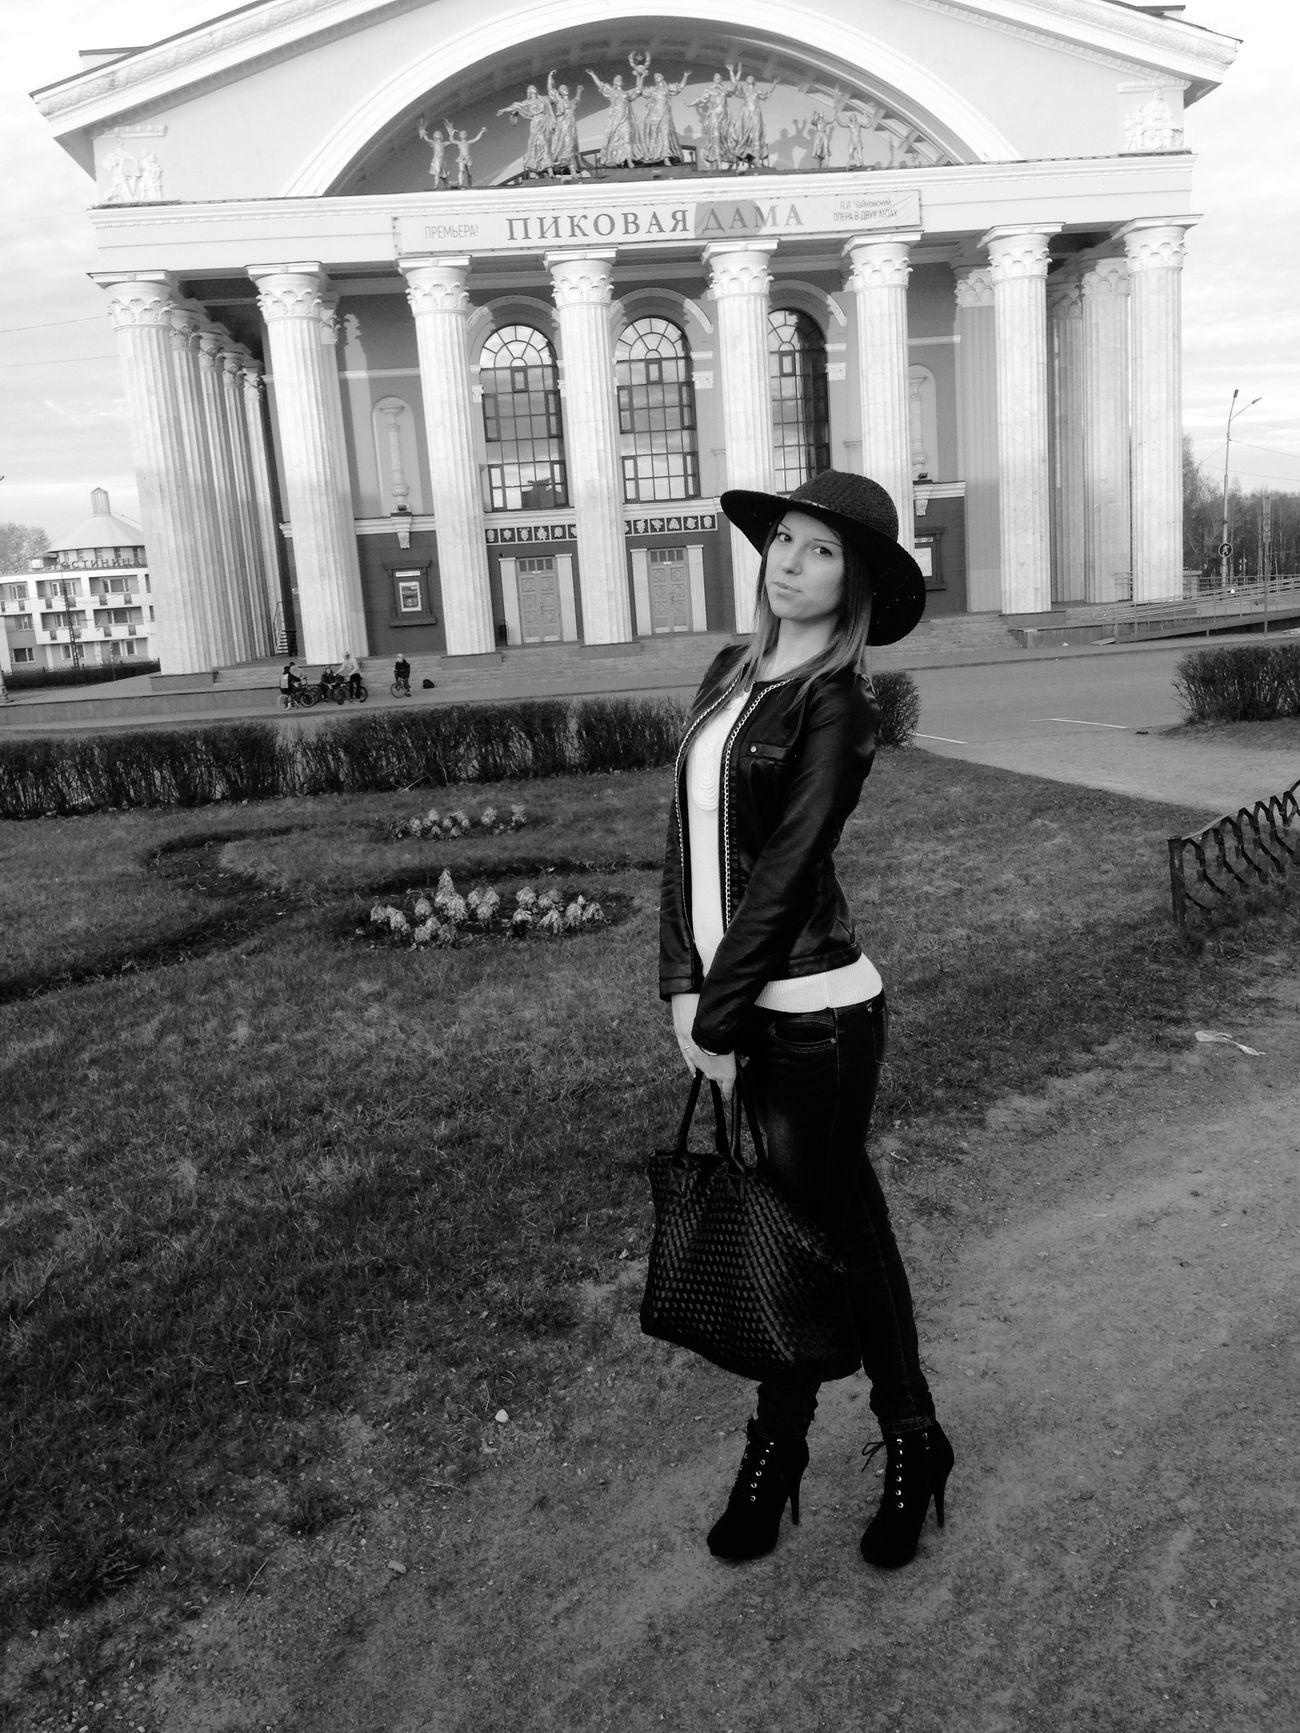 Петрозаводск площадь день